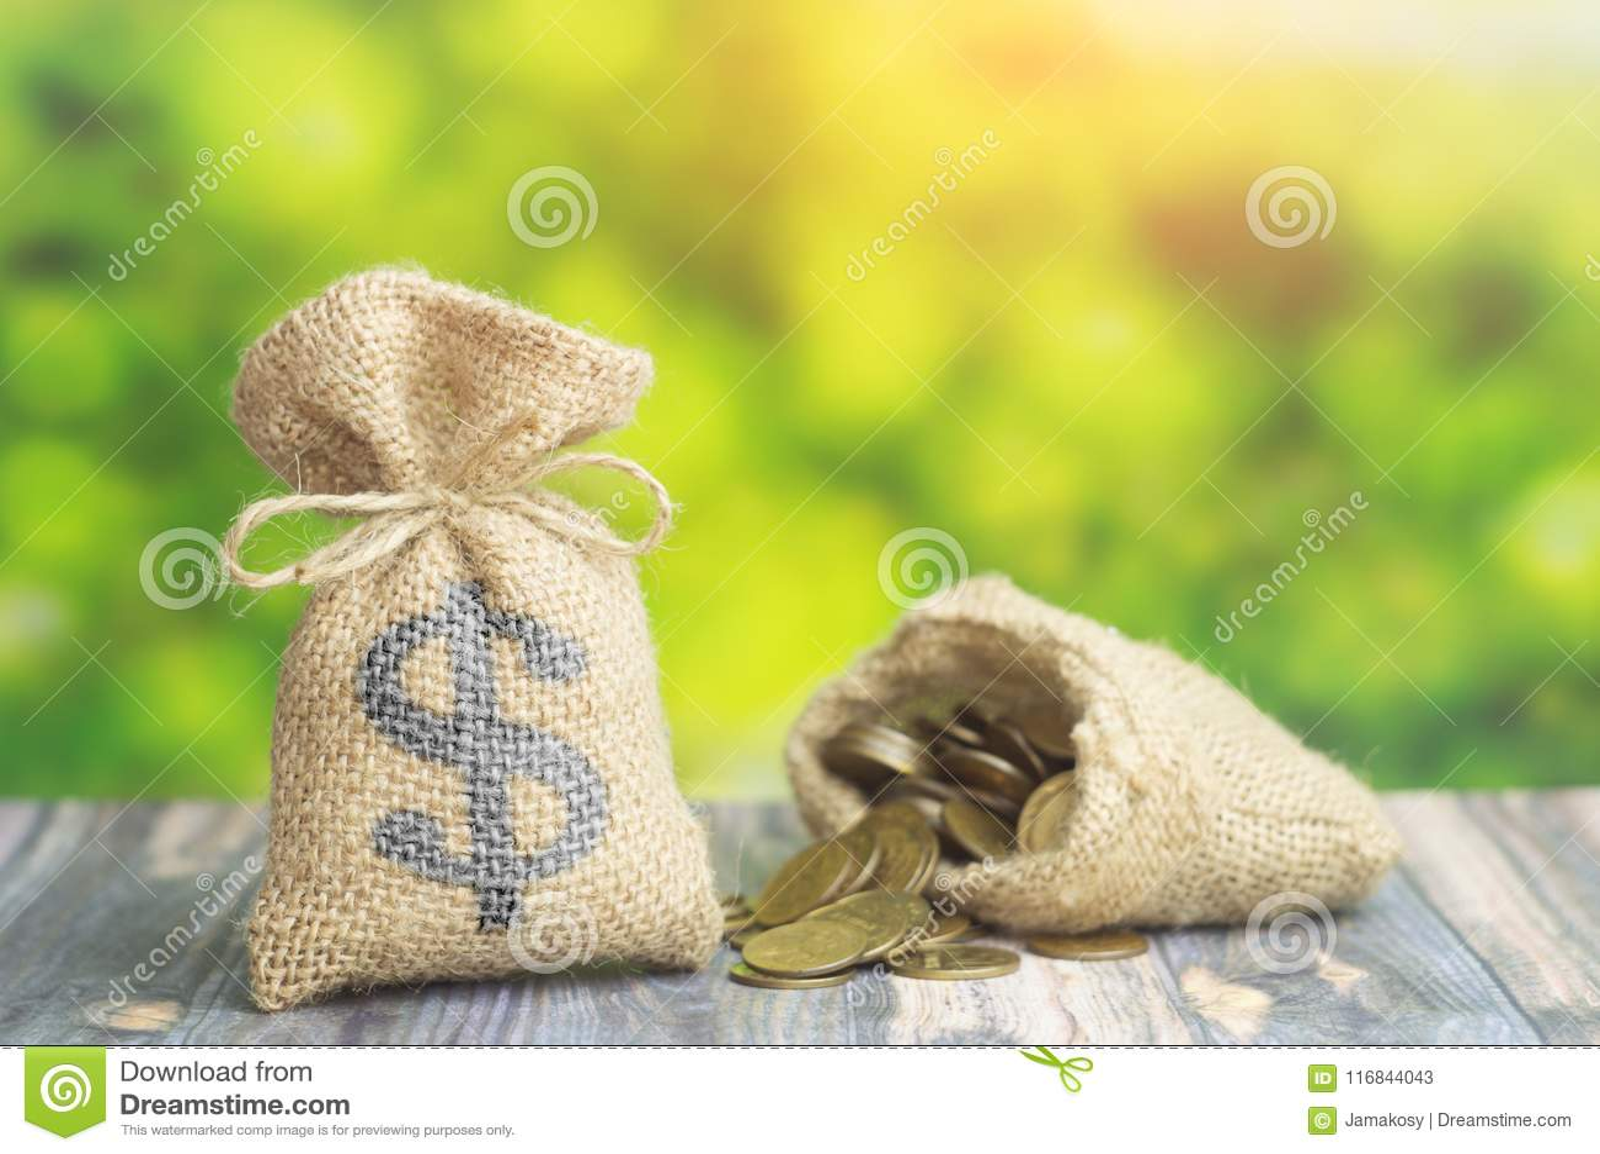 与美元的符号的金钱与硬币的袋子和袋子在绿色背景 贷款或企业财务的概念